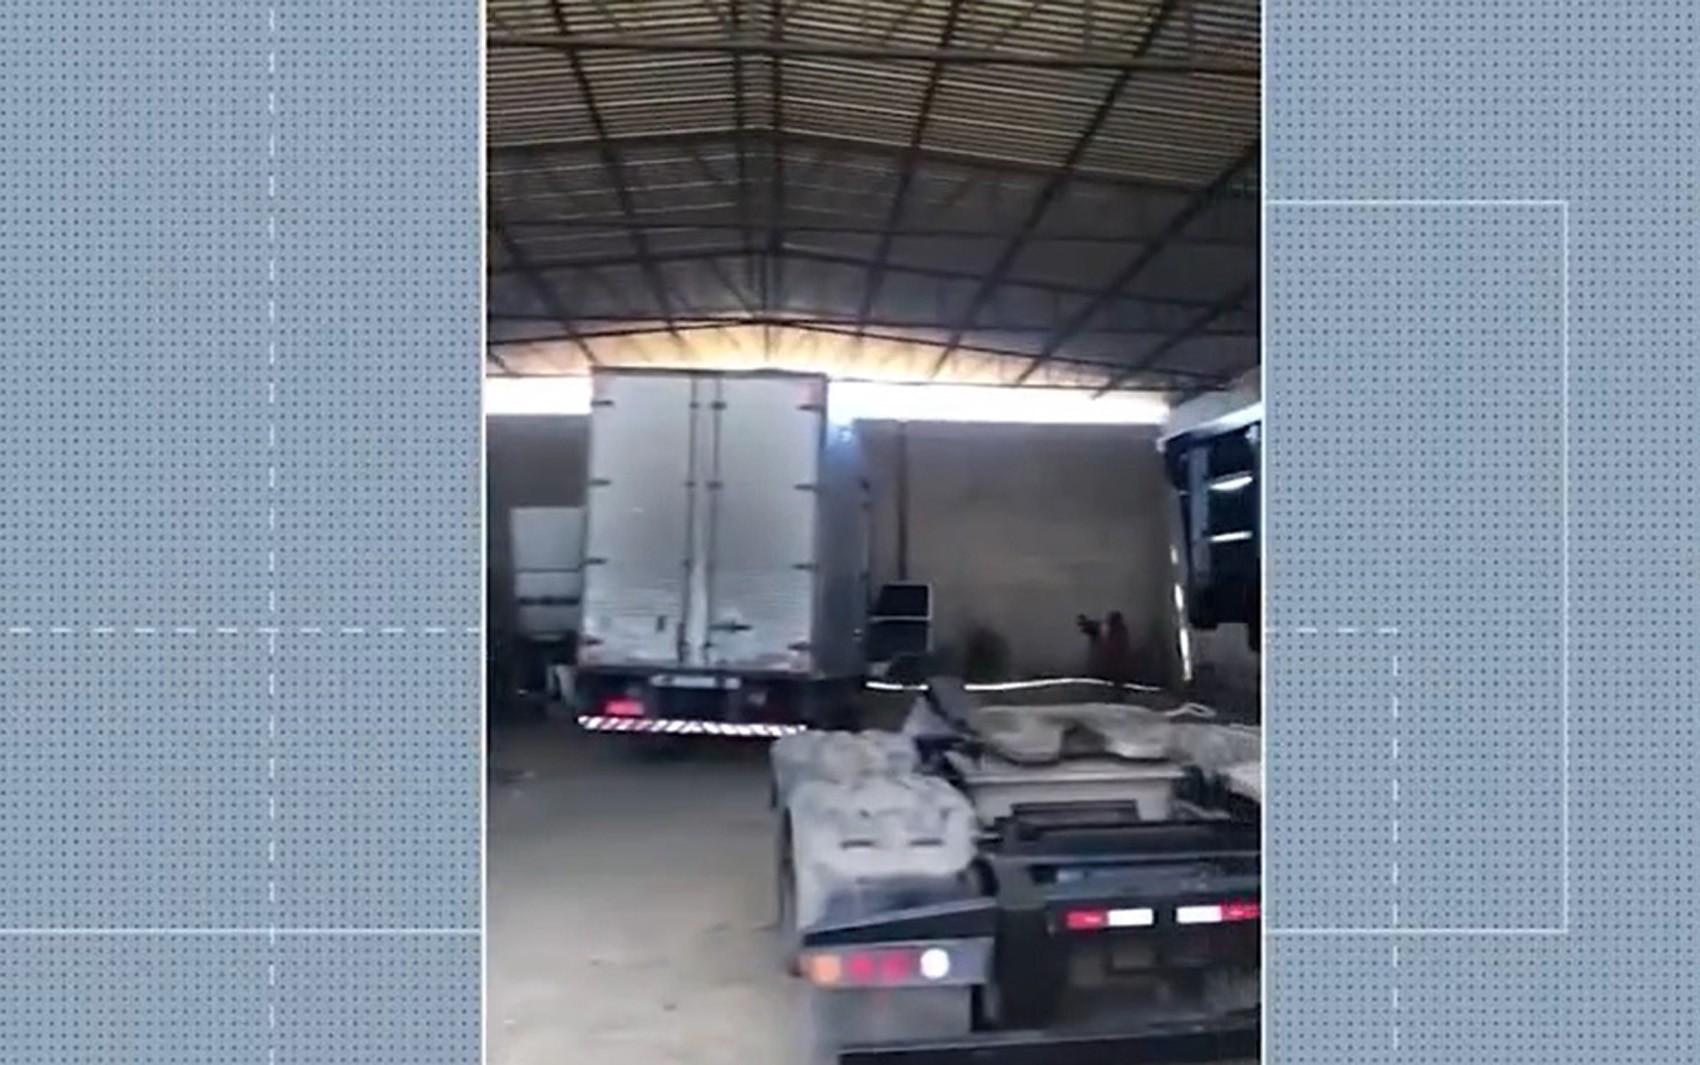 Galpão usado para desmanche de veículos roubados é descoberto na Bahia; uma pessoa foi presa